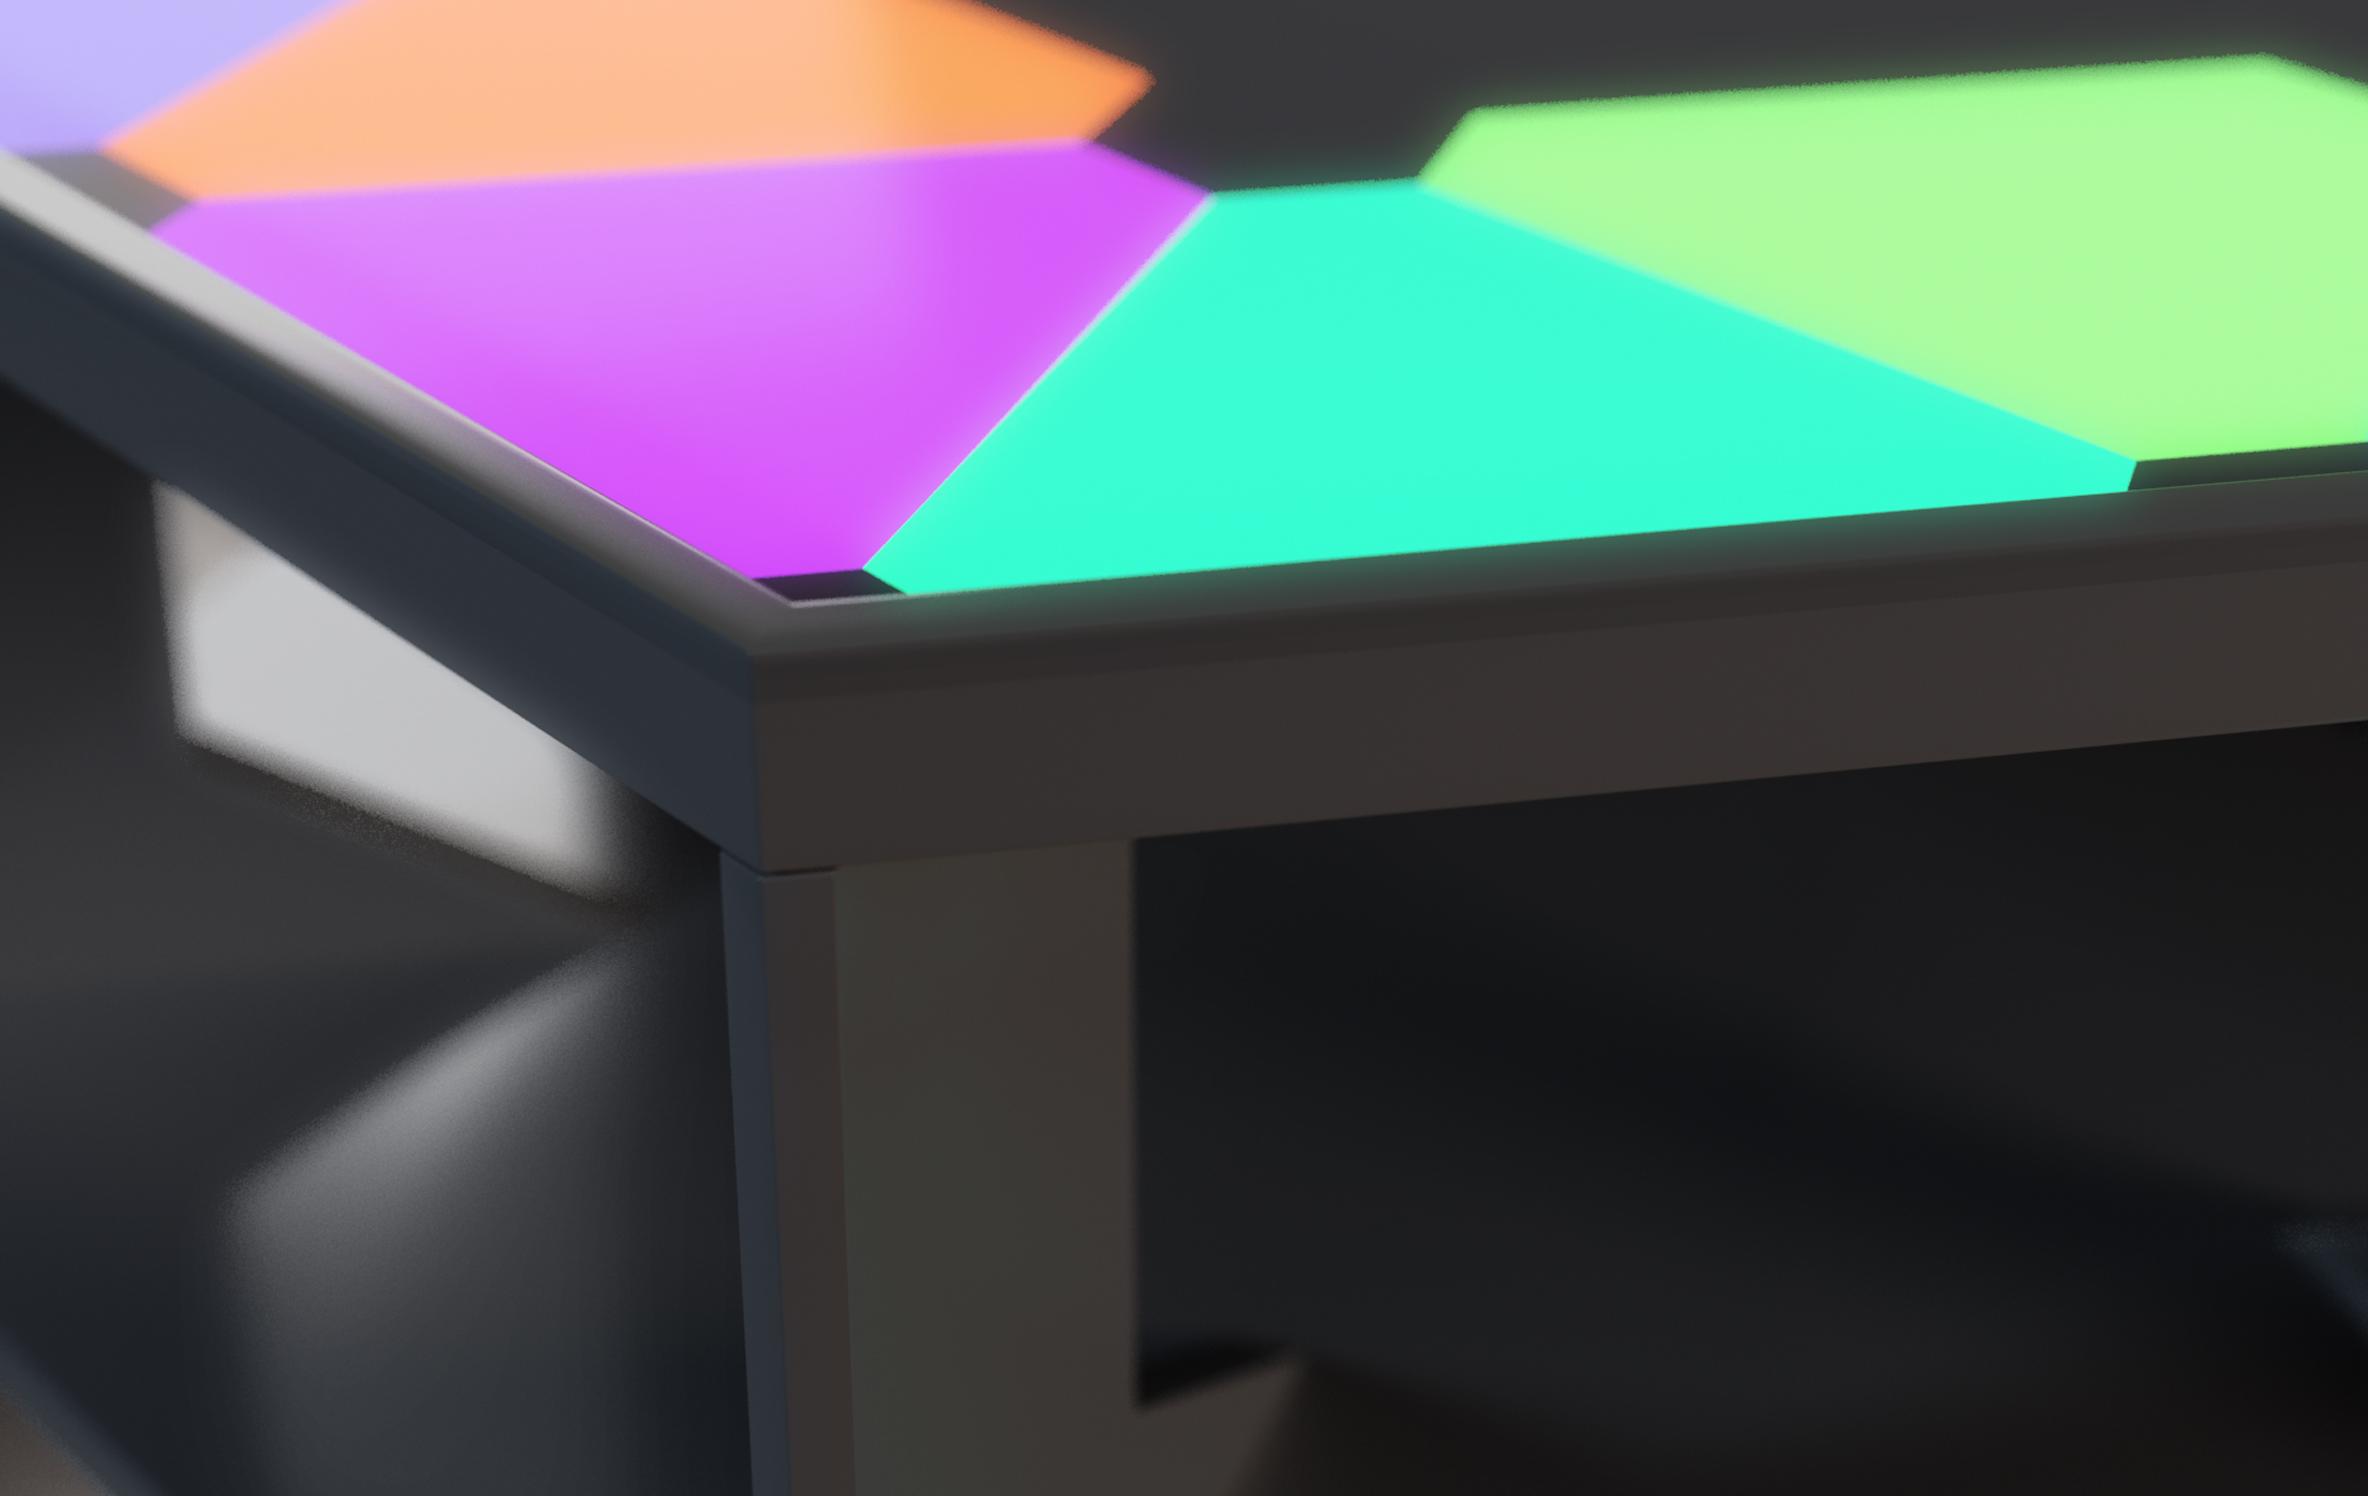 Hexagon LED Stehtisch, Stehtische, messe, event, gastro, project a, bochum, aurora nanoleaf, nanoleaf, aurora led, nanoleaf led, lichtsystem, leutenter stehtisch, beleuchtetr stehtisch, promotion tische, mobil ansteuerbar, app, apple home, light, lichttisch, leuchttisch